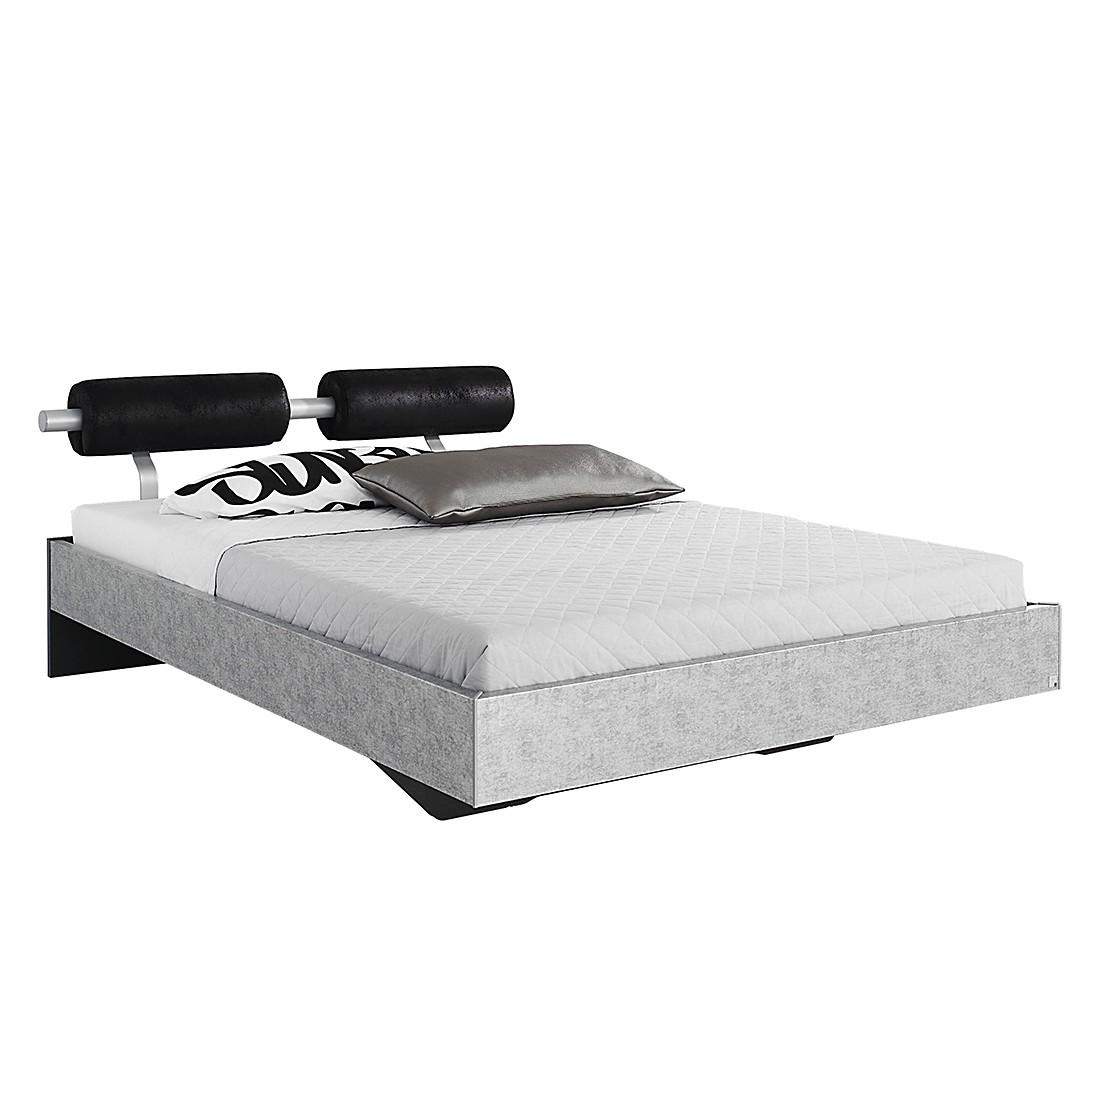 twijfelaar bed 120 ikea kopen online internetwinkel. Black Bedroom Furniture Sets. Home Design Ideas